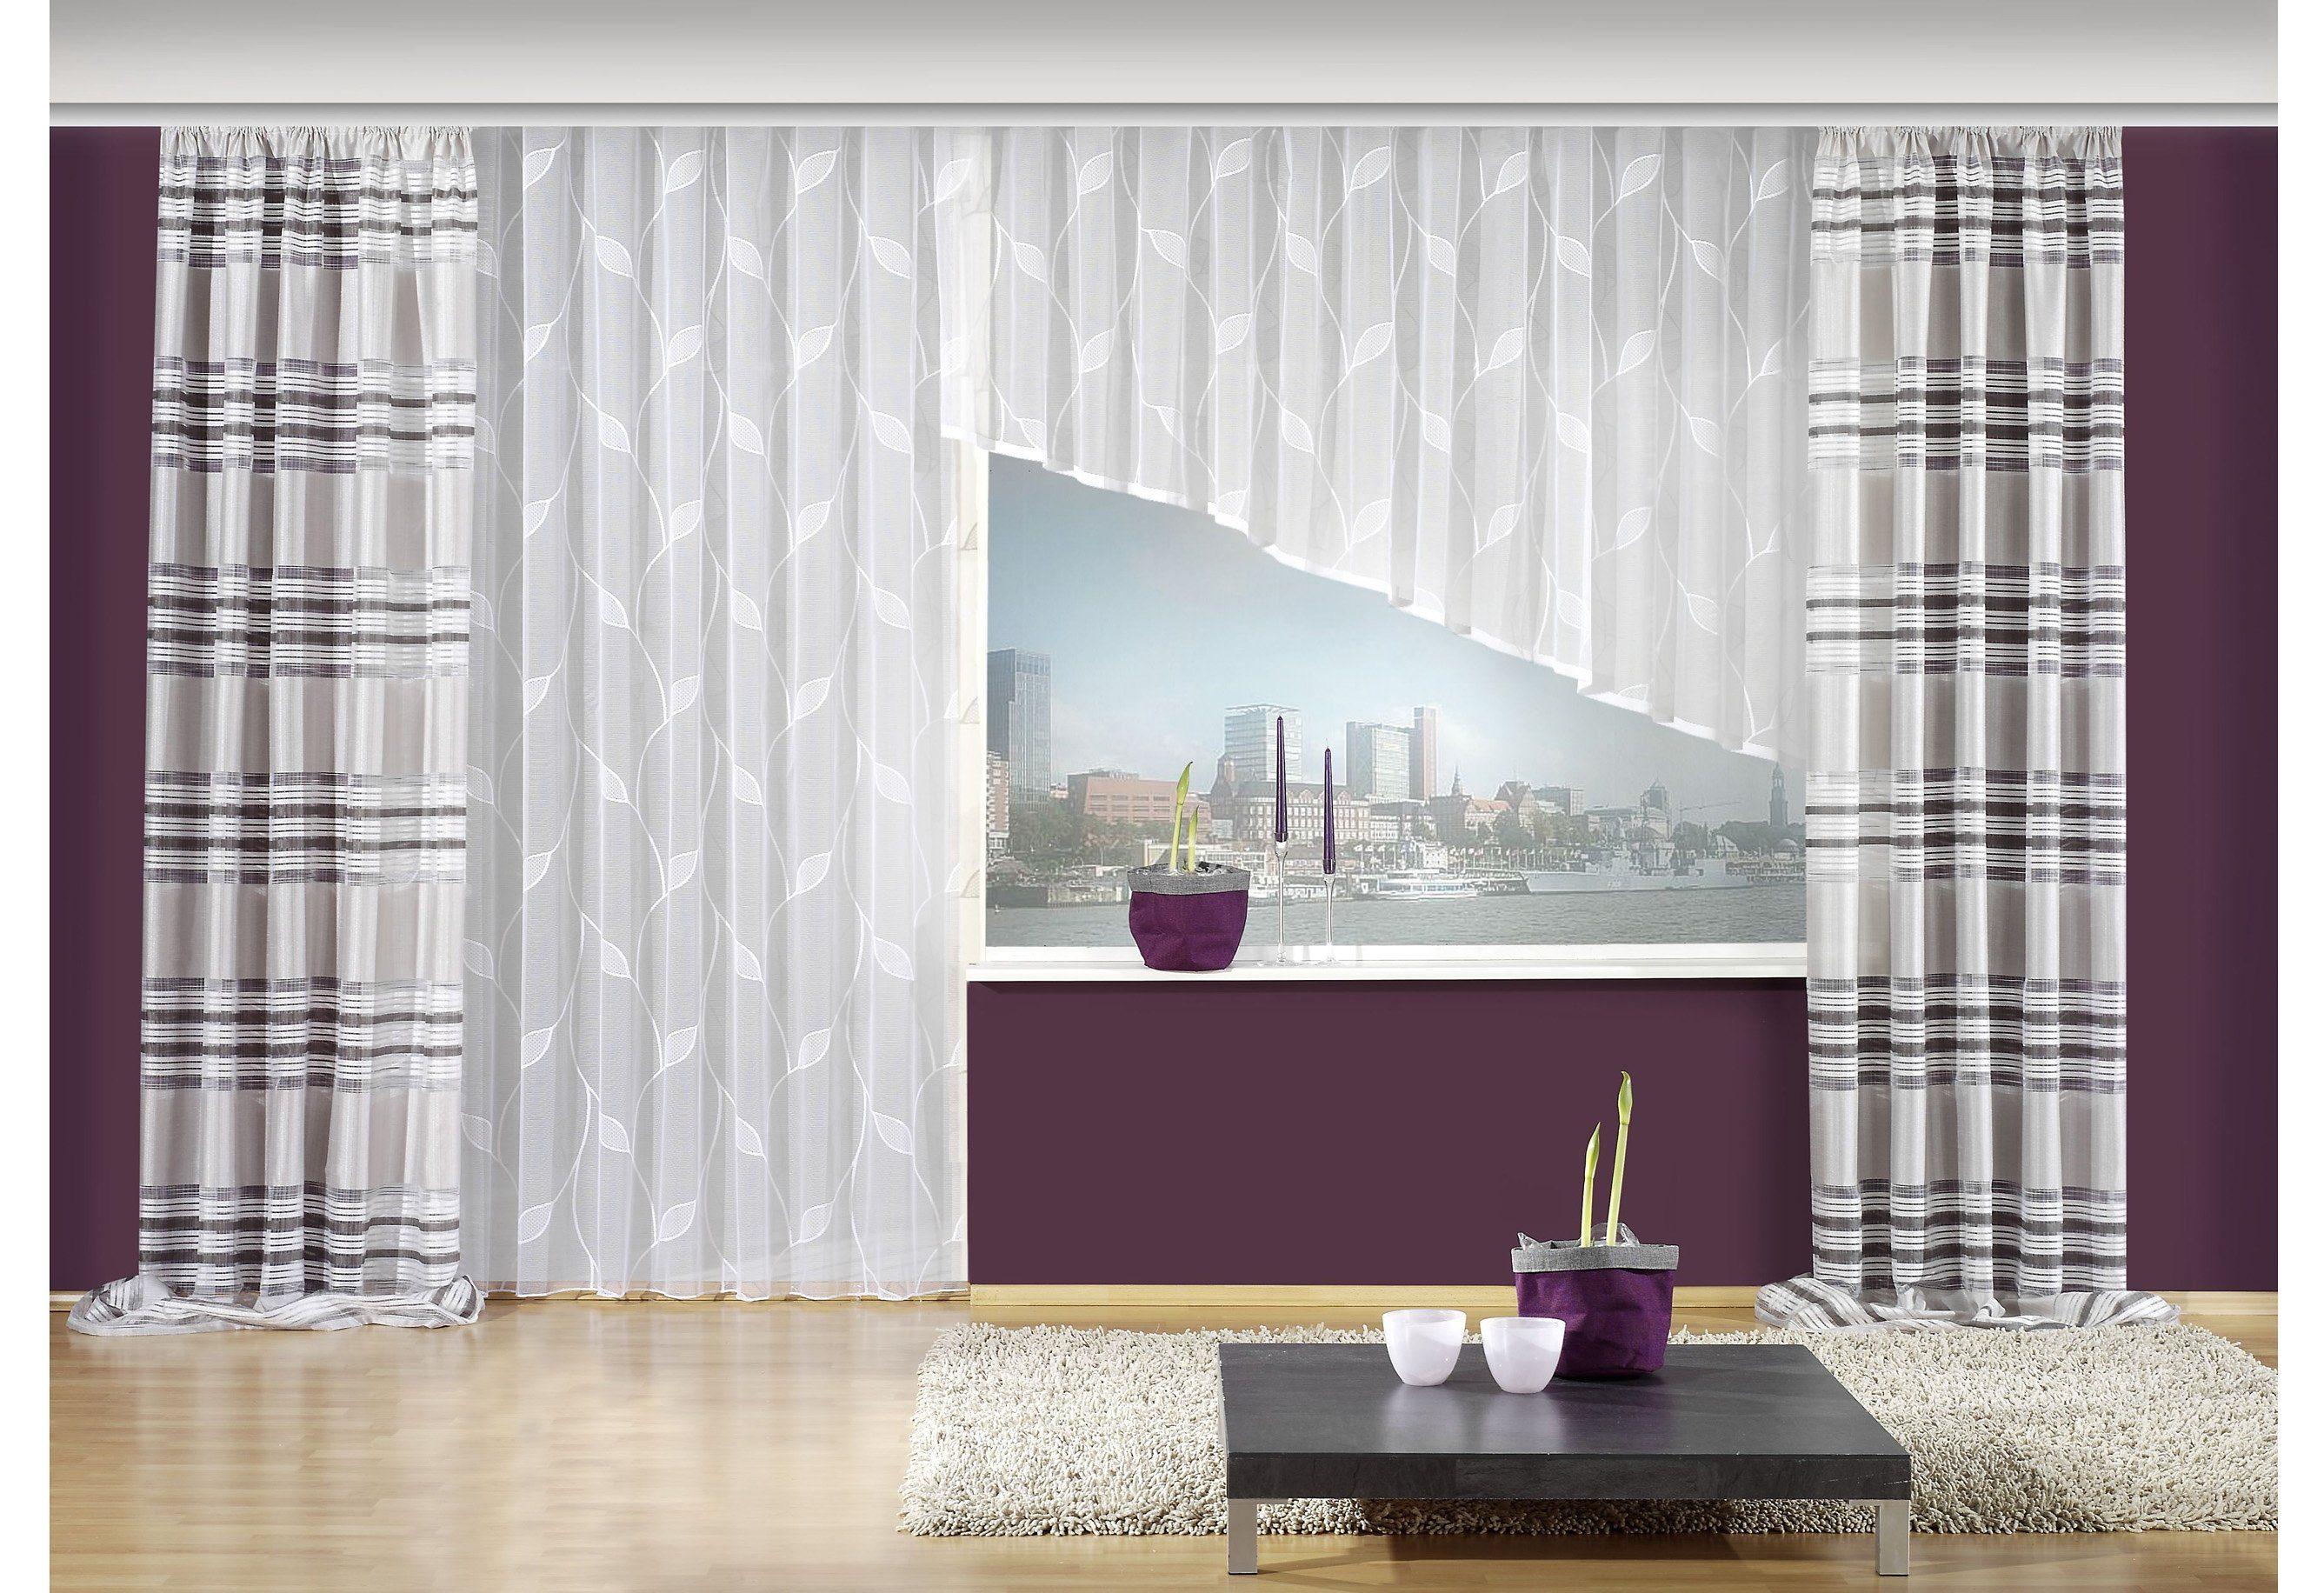 Gordijn Schuin Raam : Raamdecoratie schmidt koelewijn baarn schmidt koelewijn